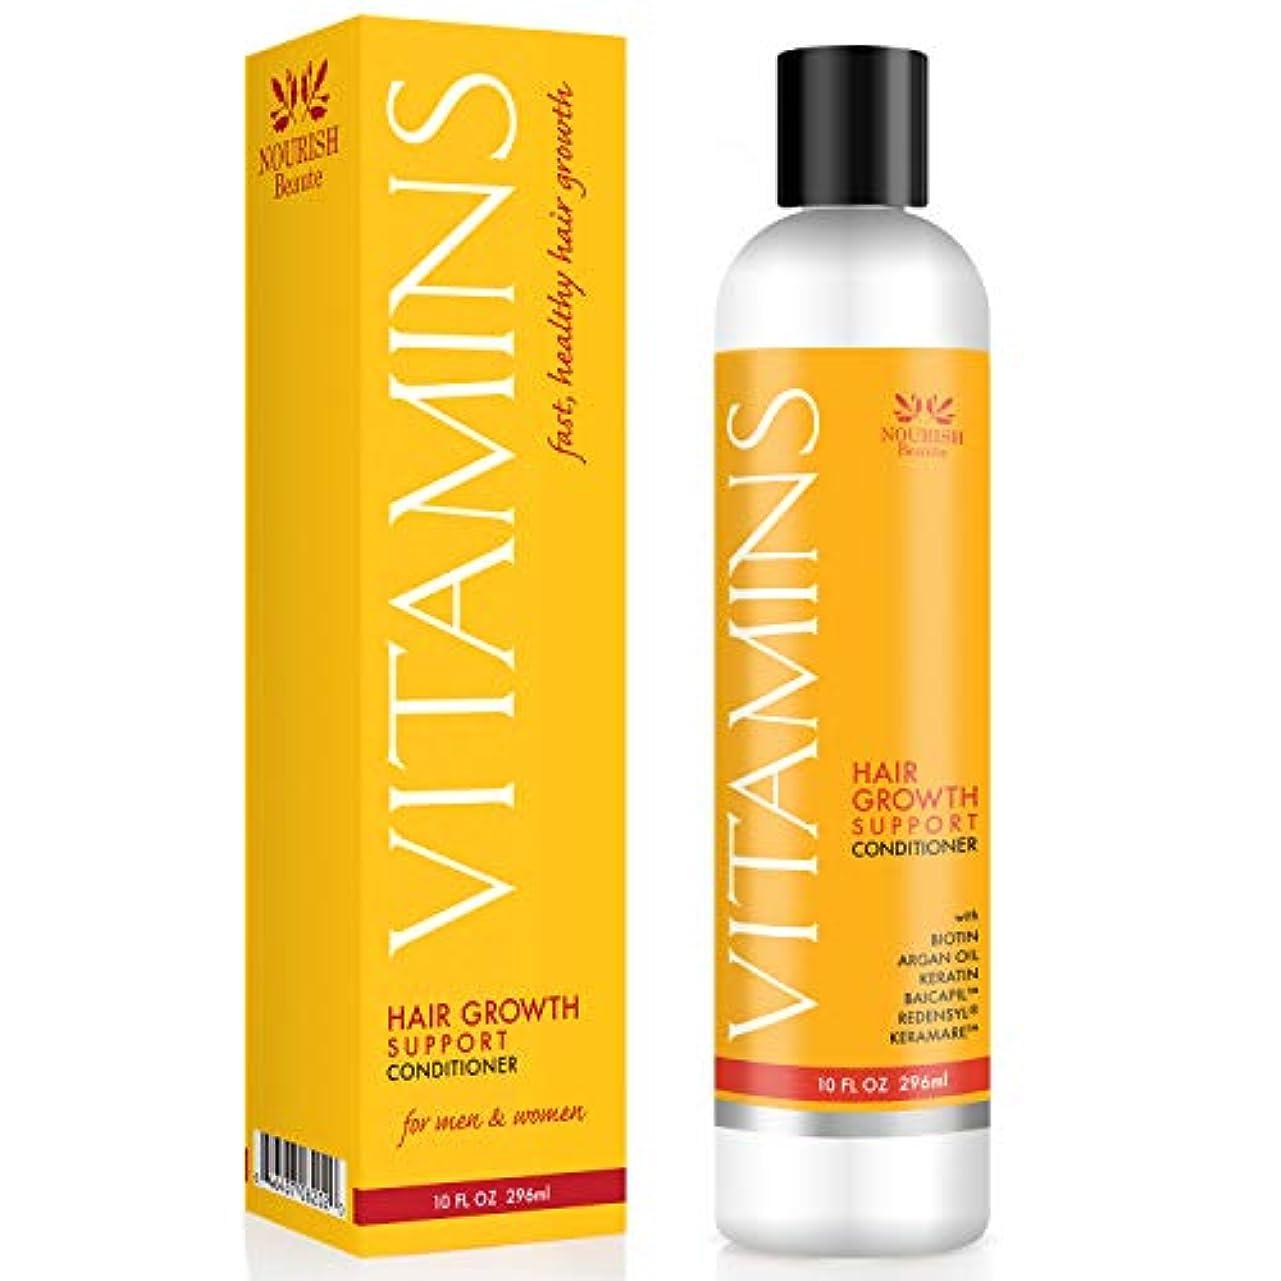 意義半球実行可能Vitamins - オーガニック 脱毛トリートメント コンディショナー Organic Hair Loss Treatment and Conditioner, 10 Ounce (296ml)